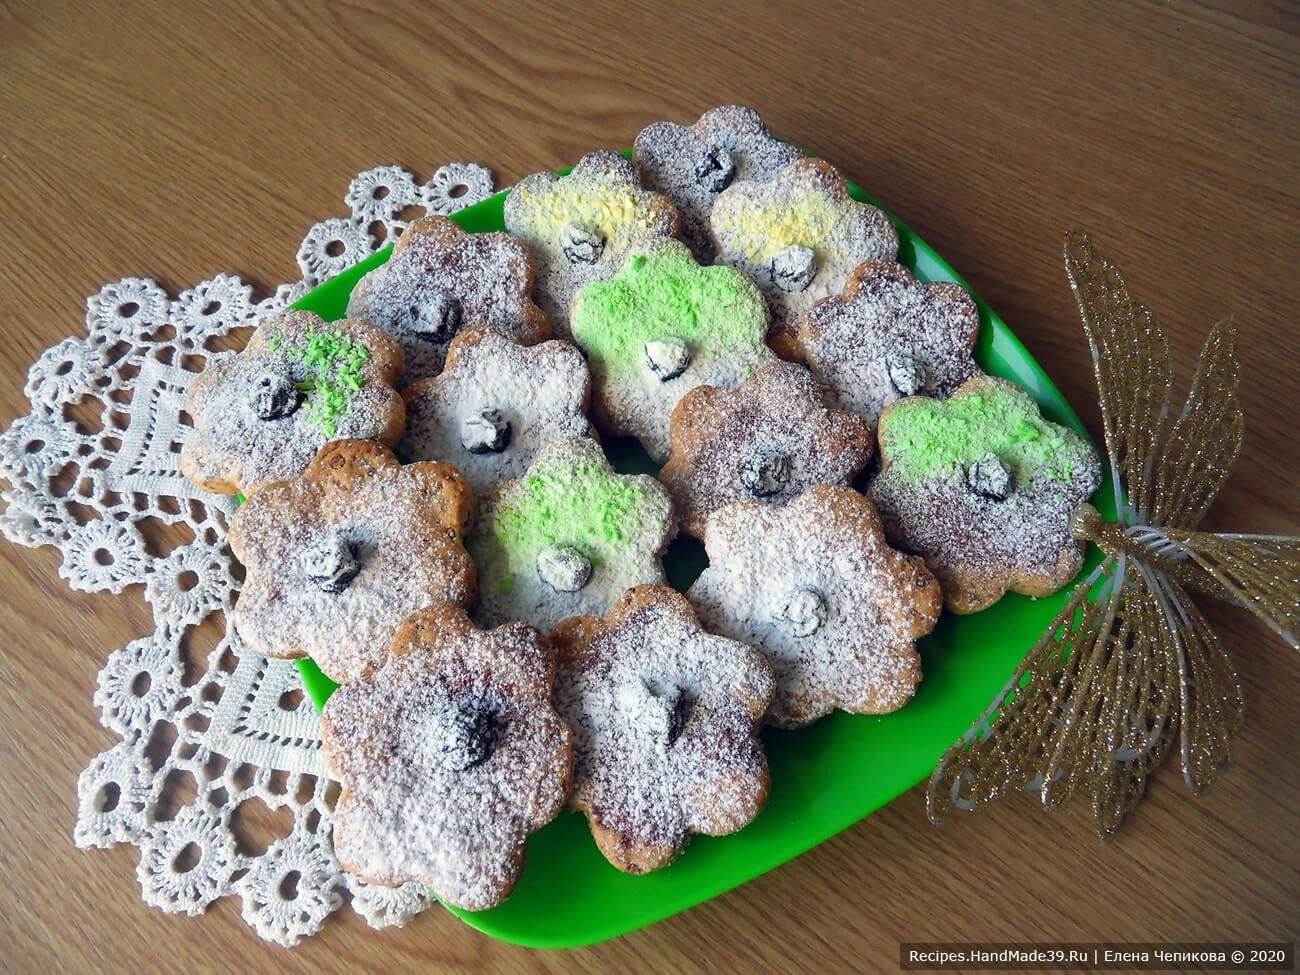 Простое печенье из плавленых сырков «Сахарные цветочки» – пошаговый рецепт с видео